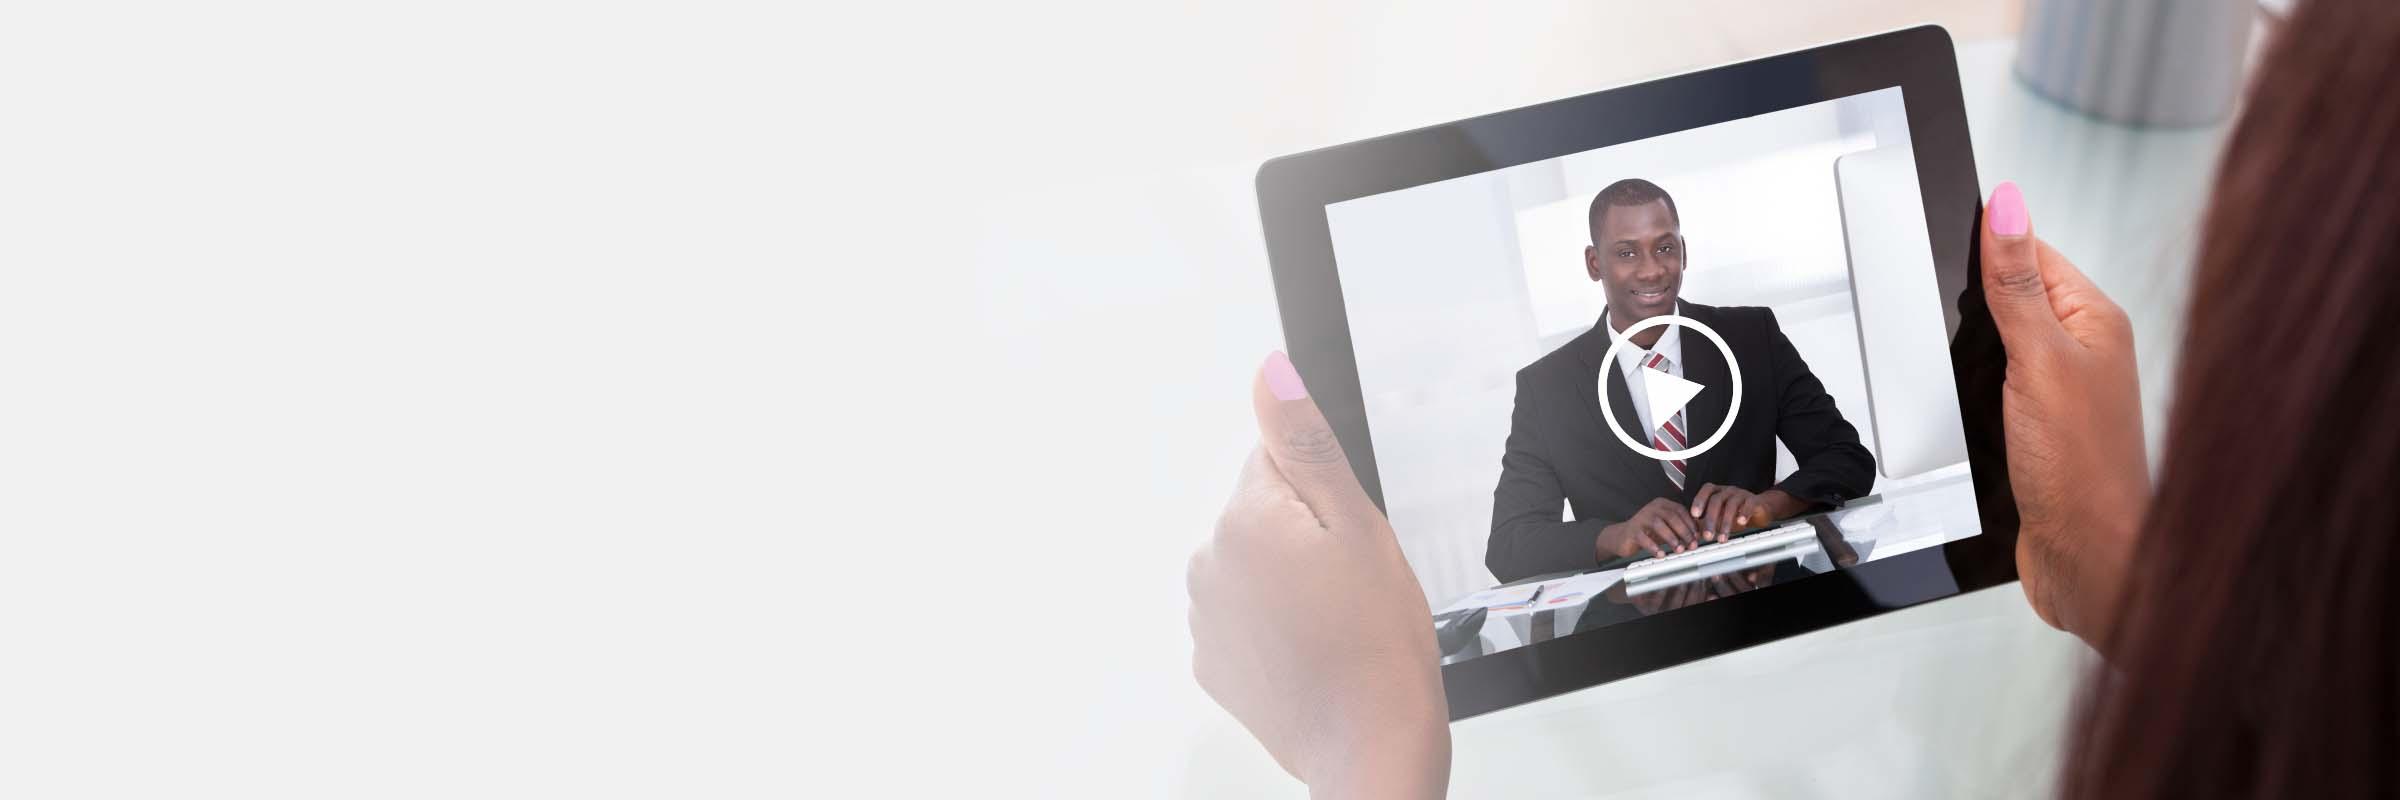 unity bank videos